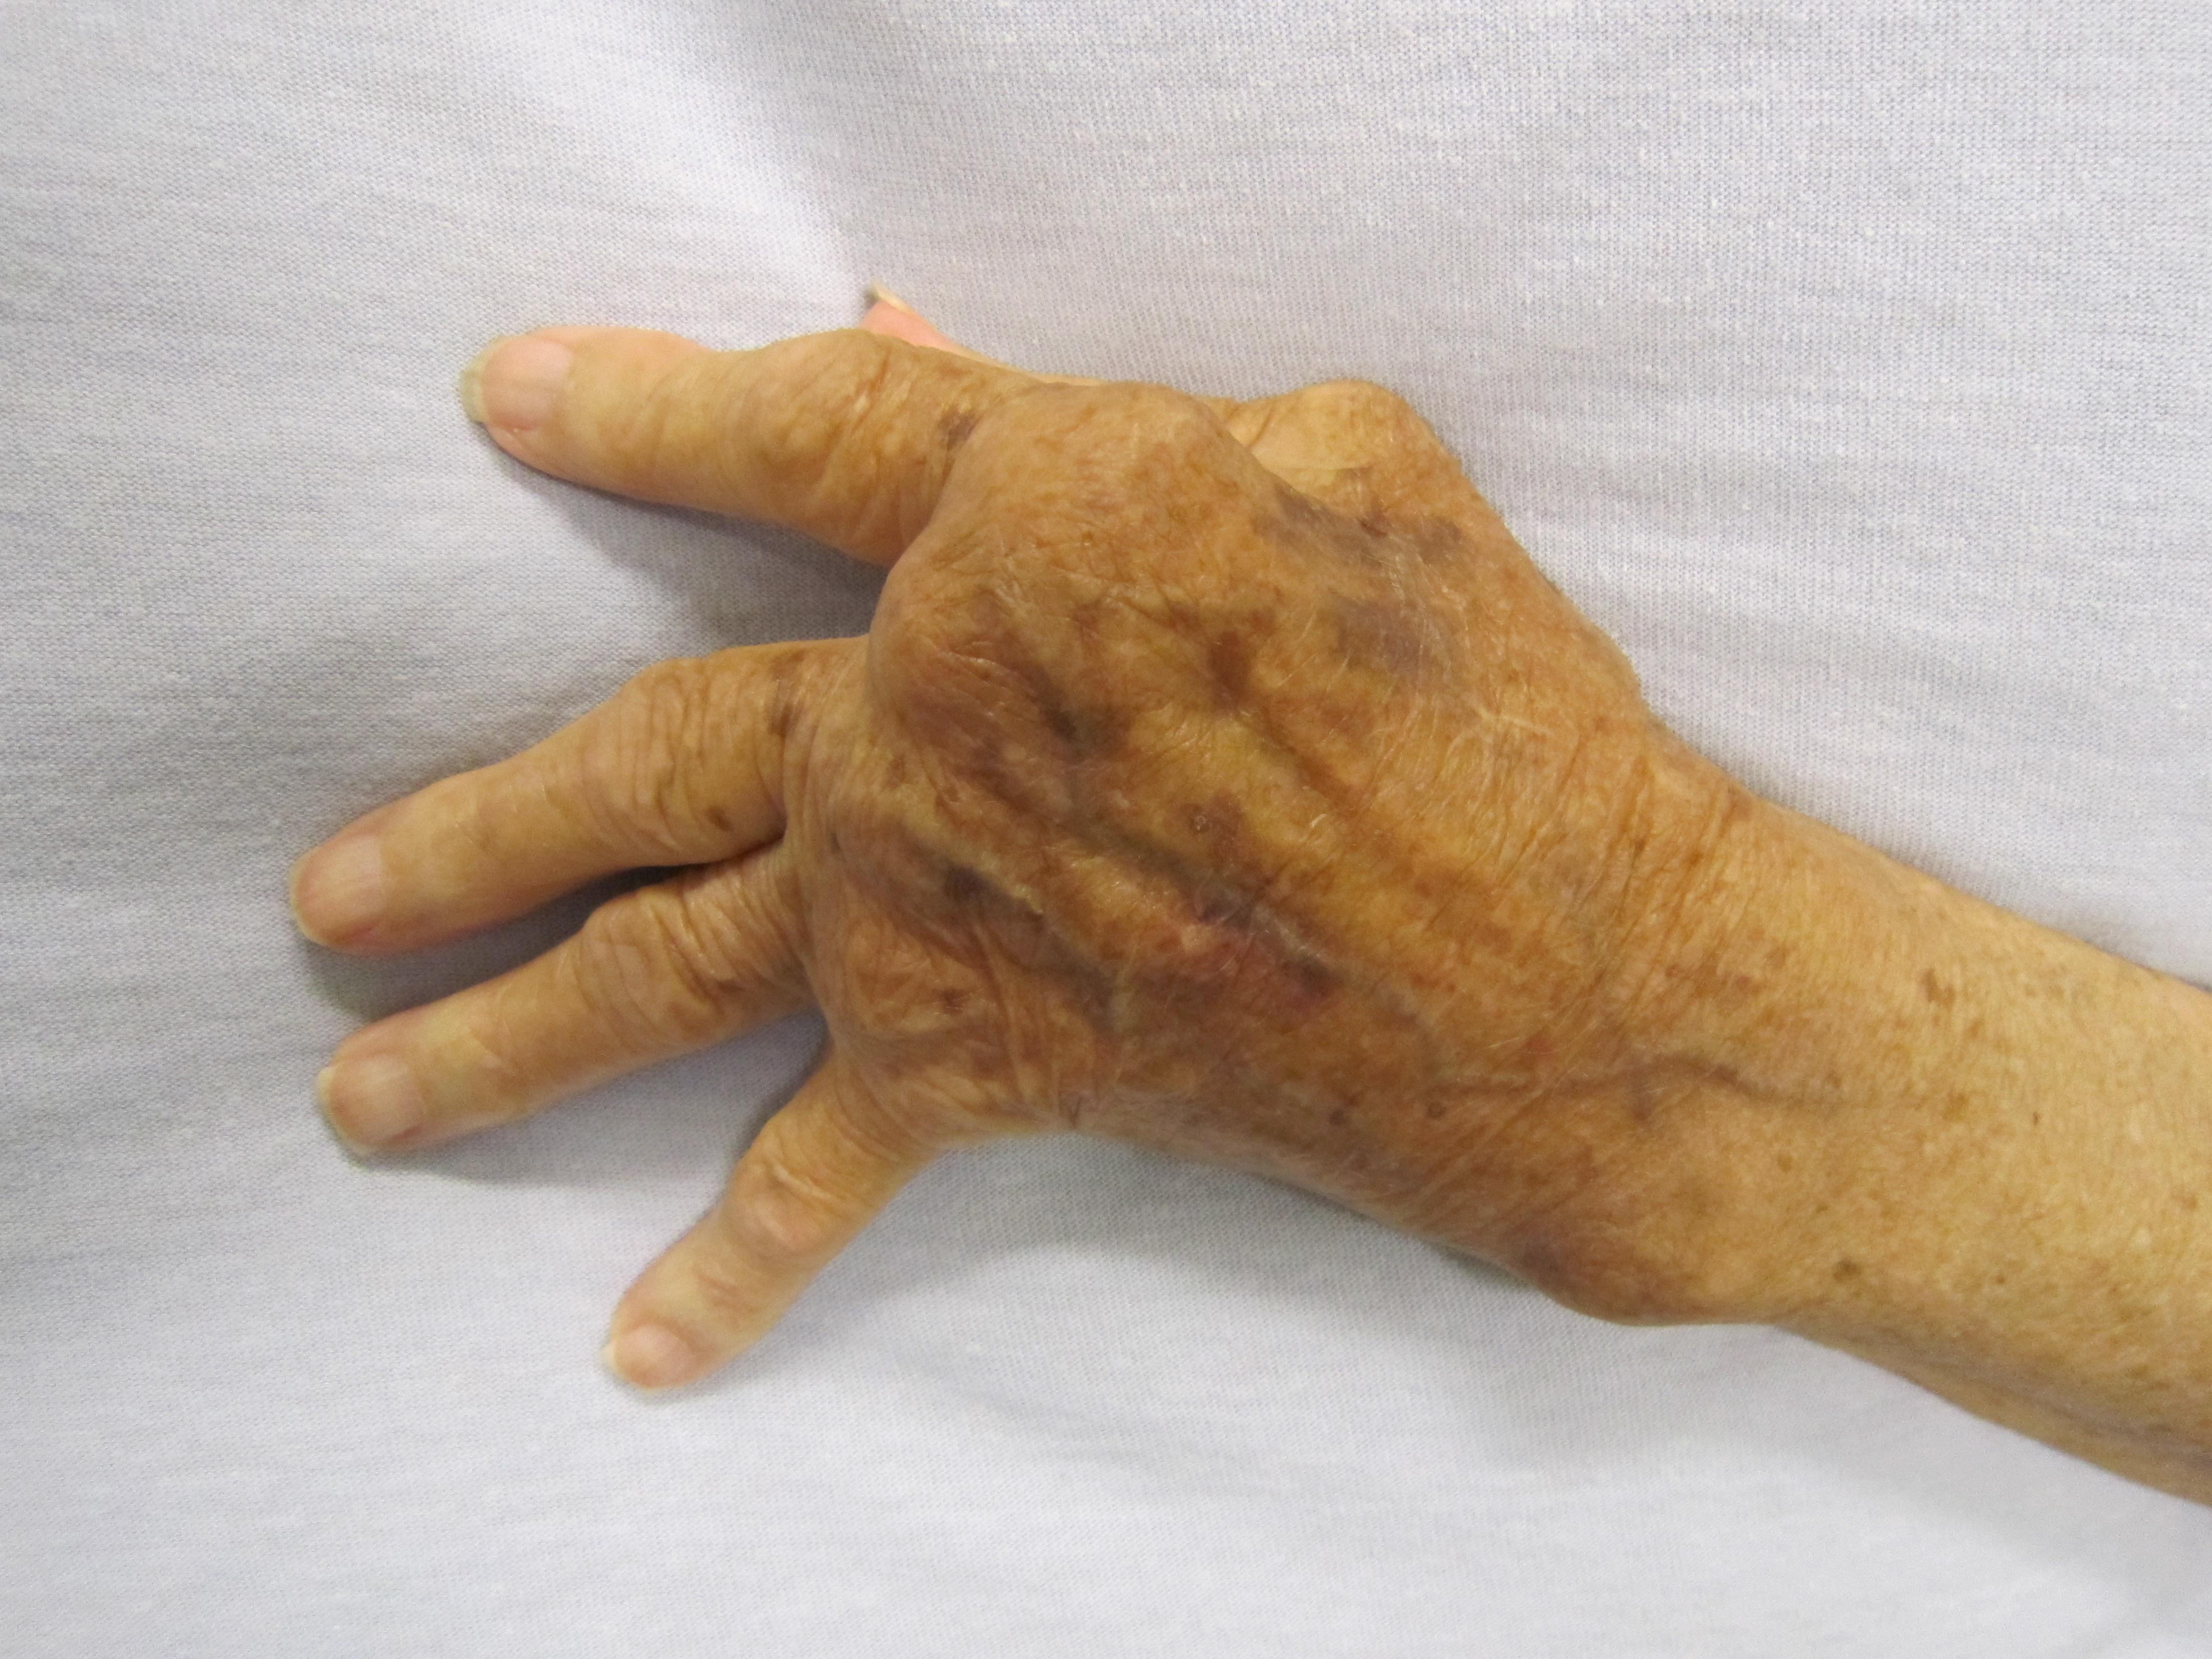 fájdalomcsillapítók a kéz ízületeiben)